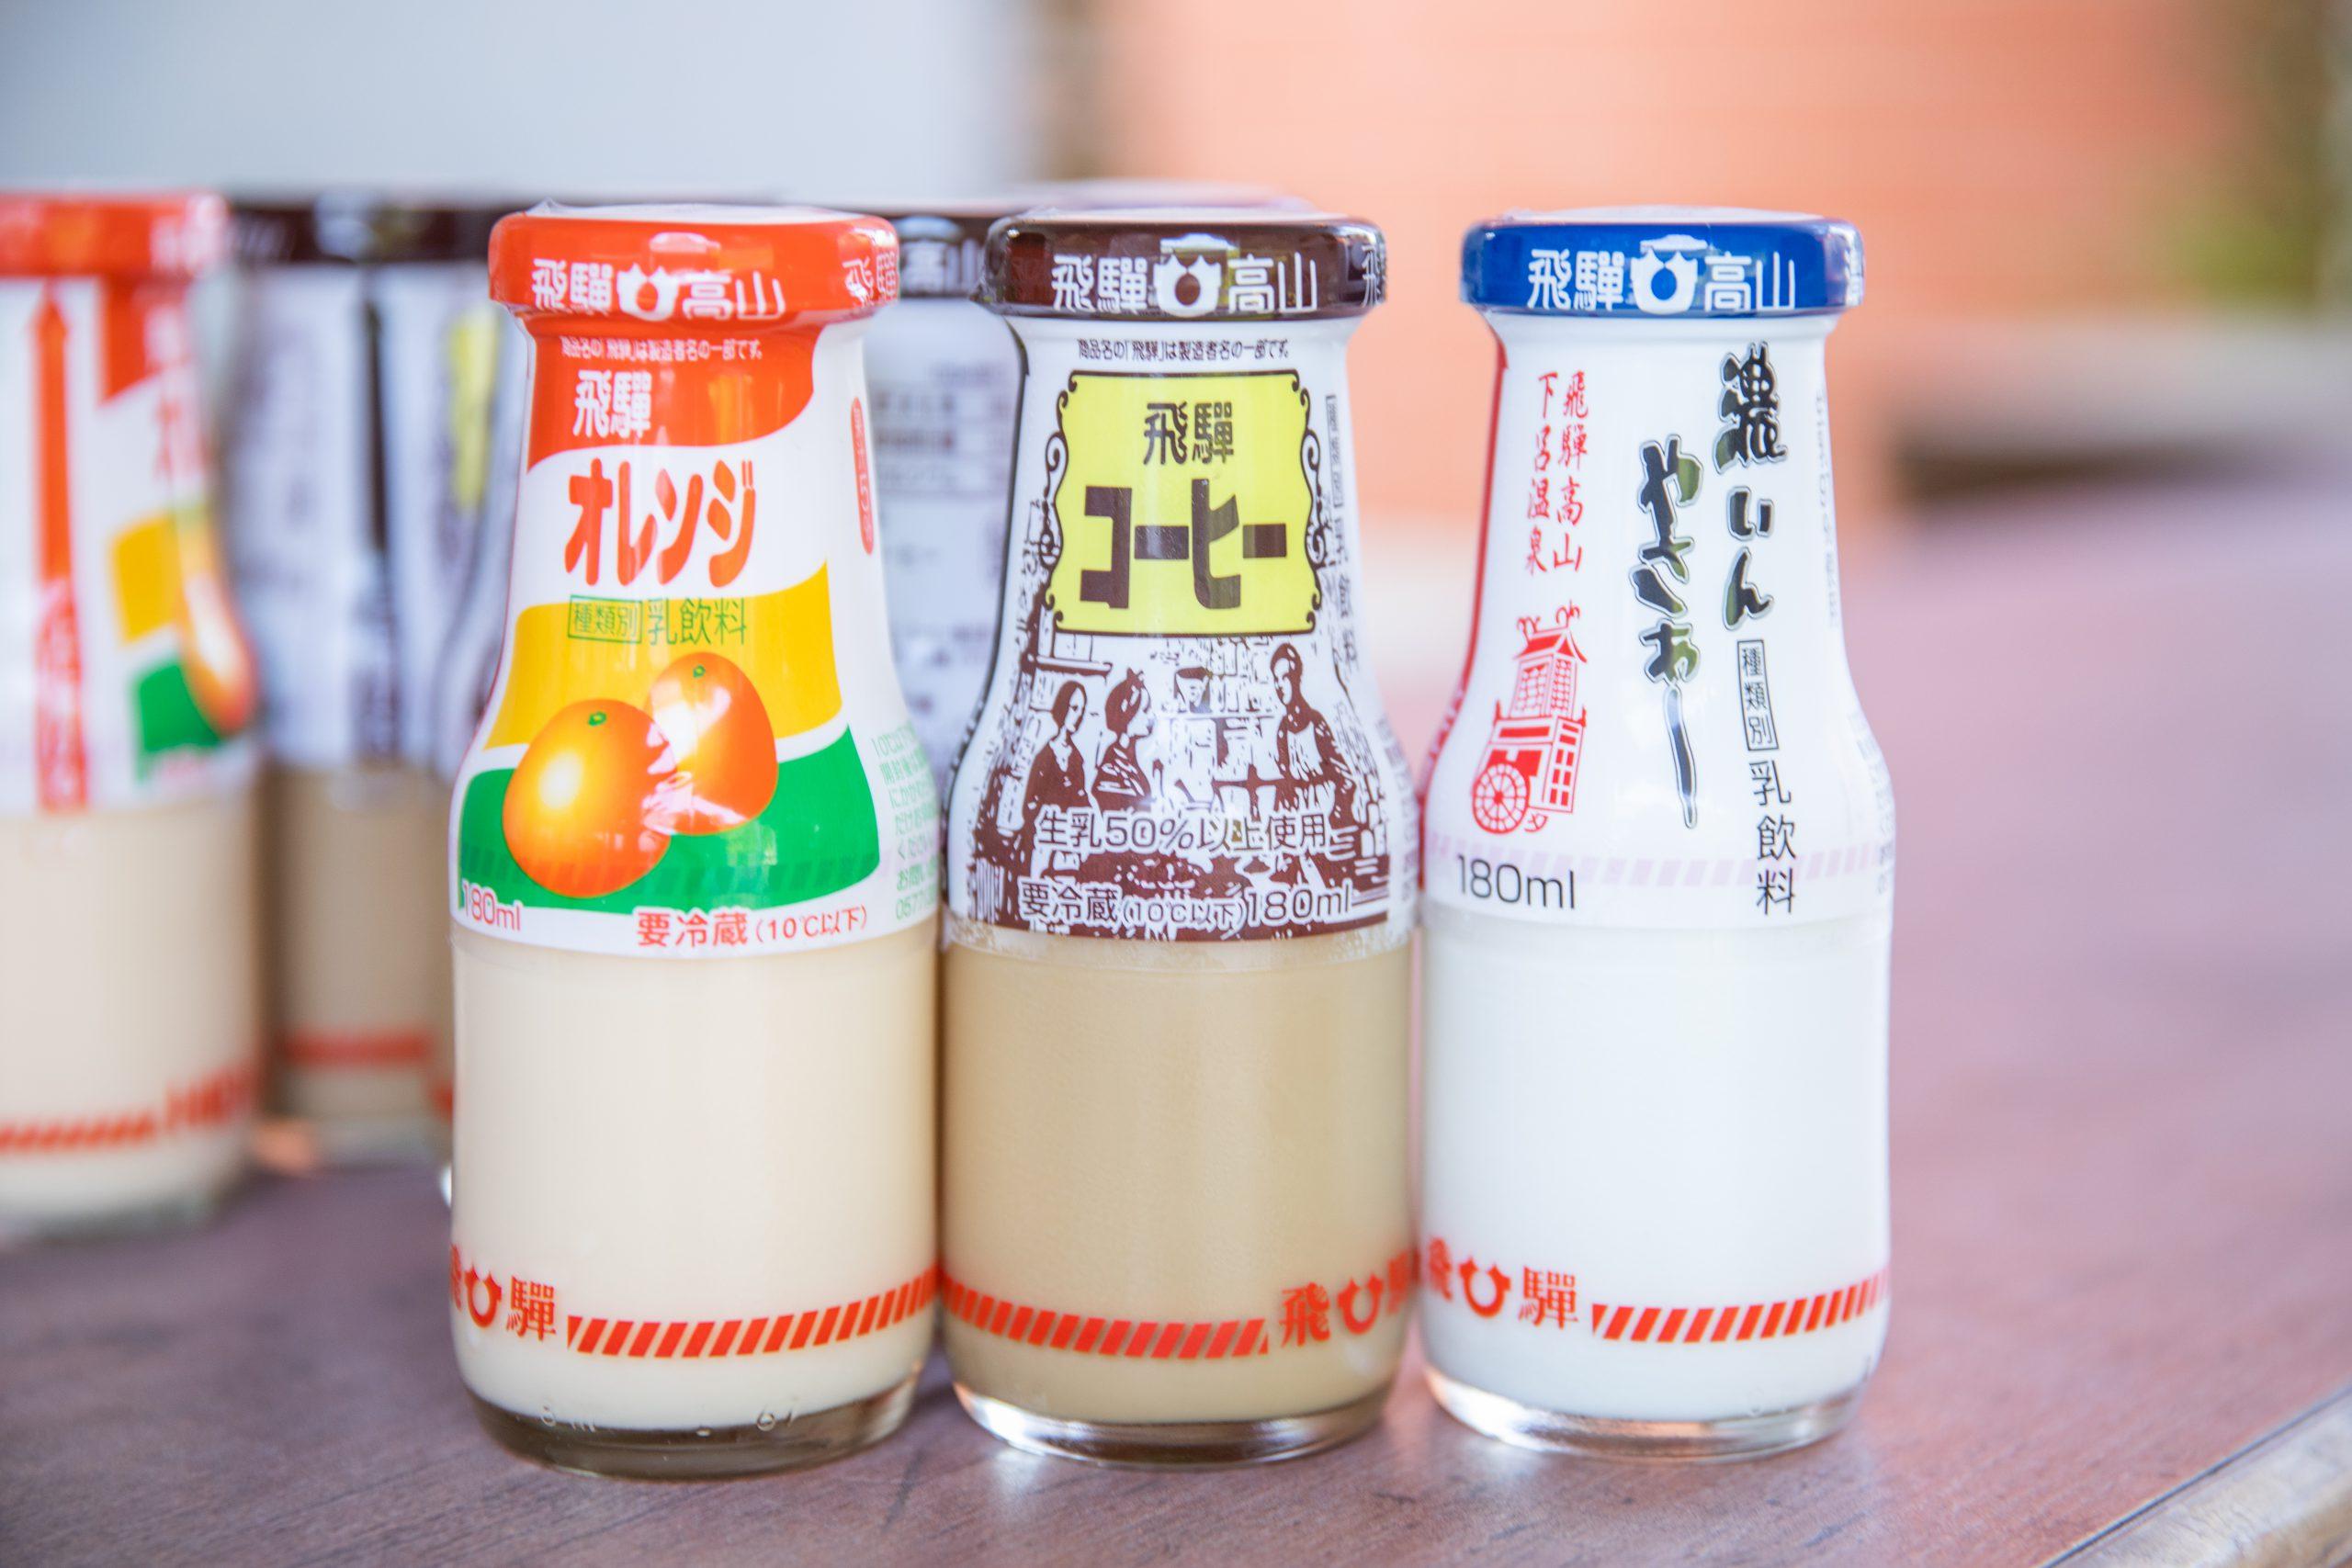 牛乳(濃いんやさぁ~)・コーヒー牛乳・オレンジ牛乳 / 180円